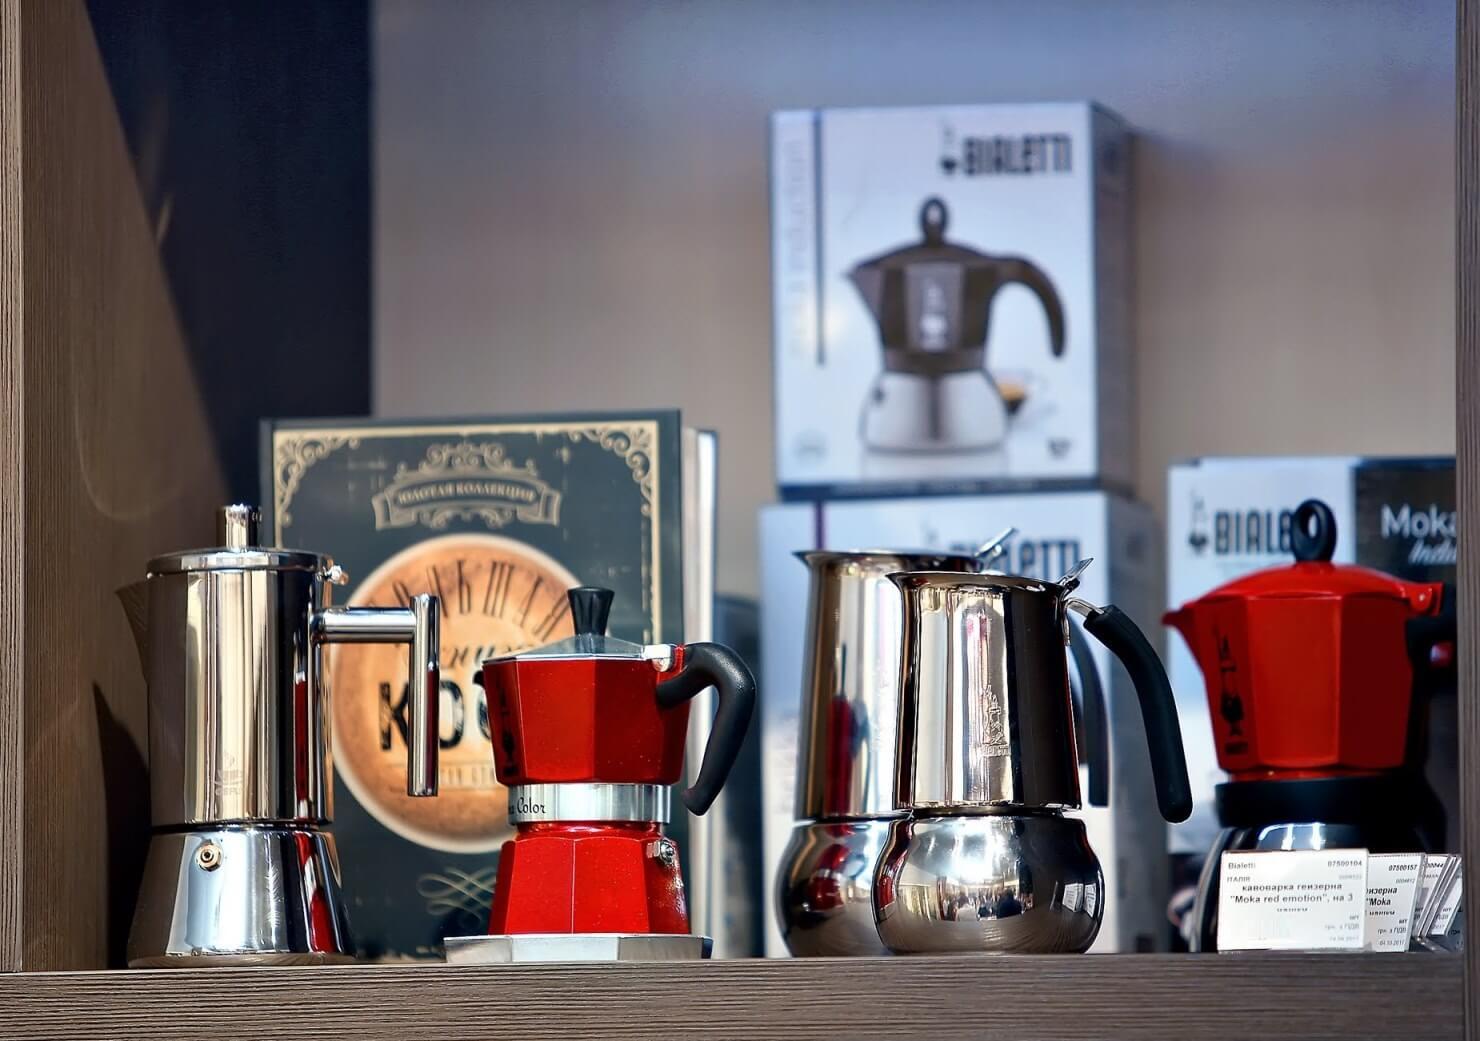 """Кофеварка гейзерная индукционная """"Kitty"""" на 10 чашек Bialetti KITTY, серебристый Bialetti 0004885IN фото 2"""